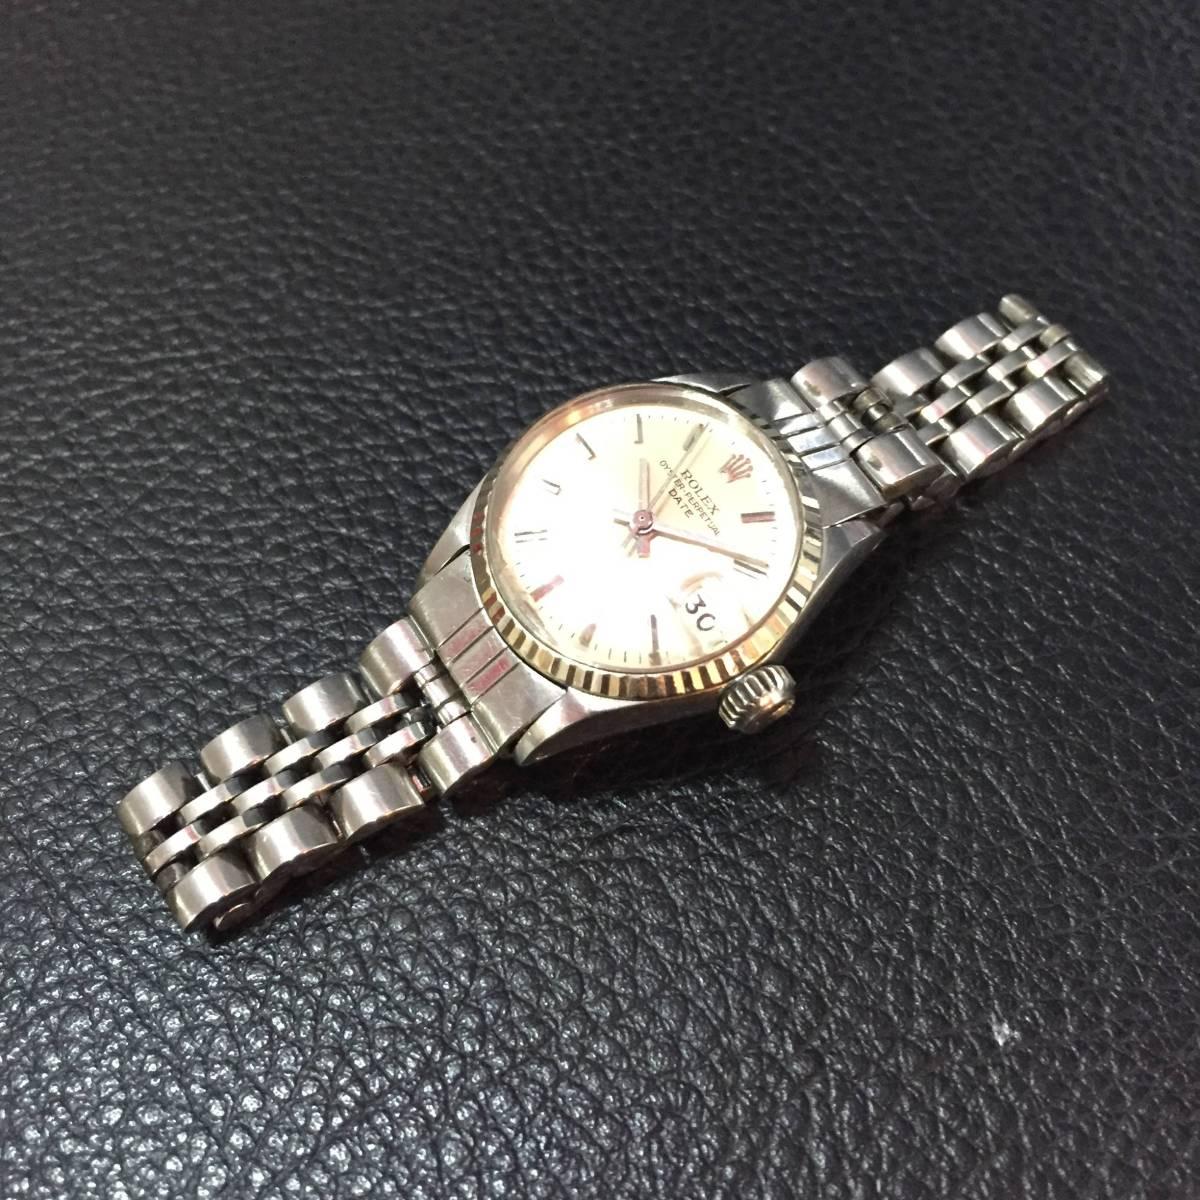 ※動作品 現状品 ROLEX ロレックス レディース デイトジャスト Ref.6924 手巻き腕時計 本体のみ【3002091548/B-2】